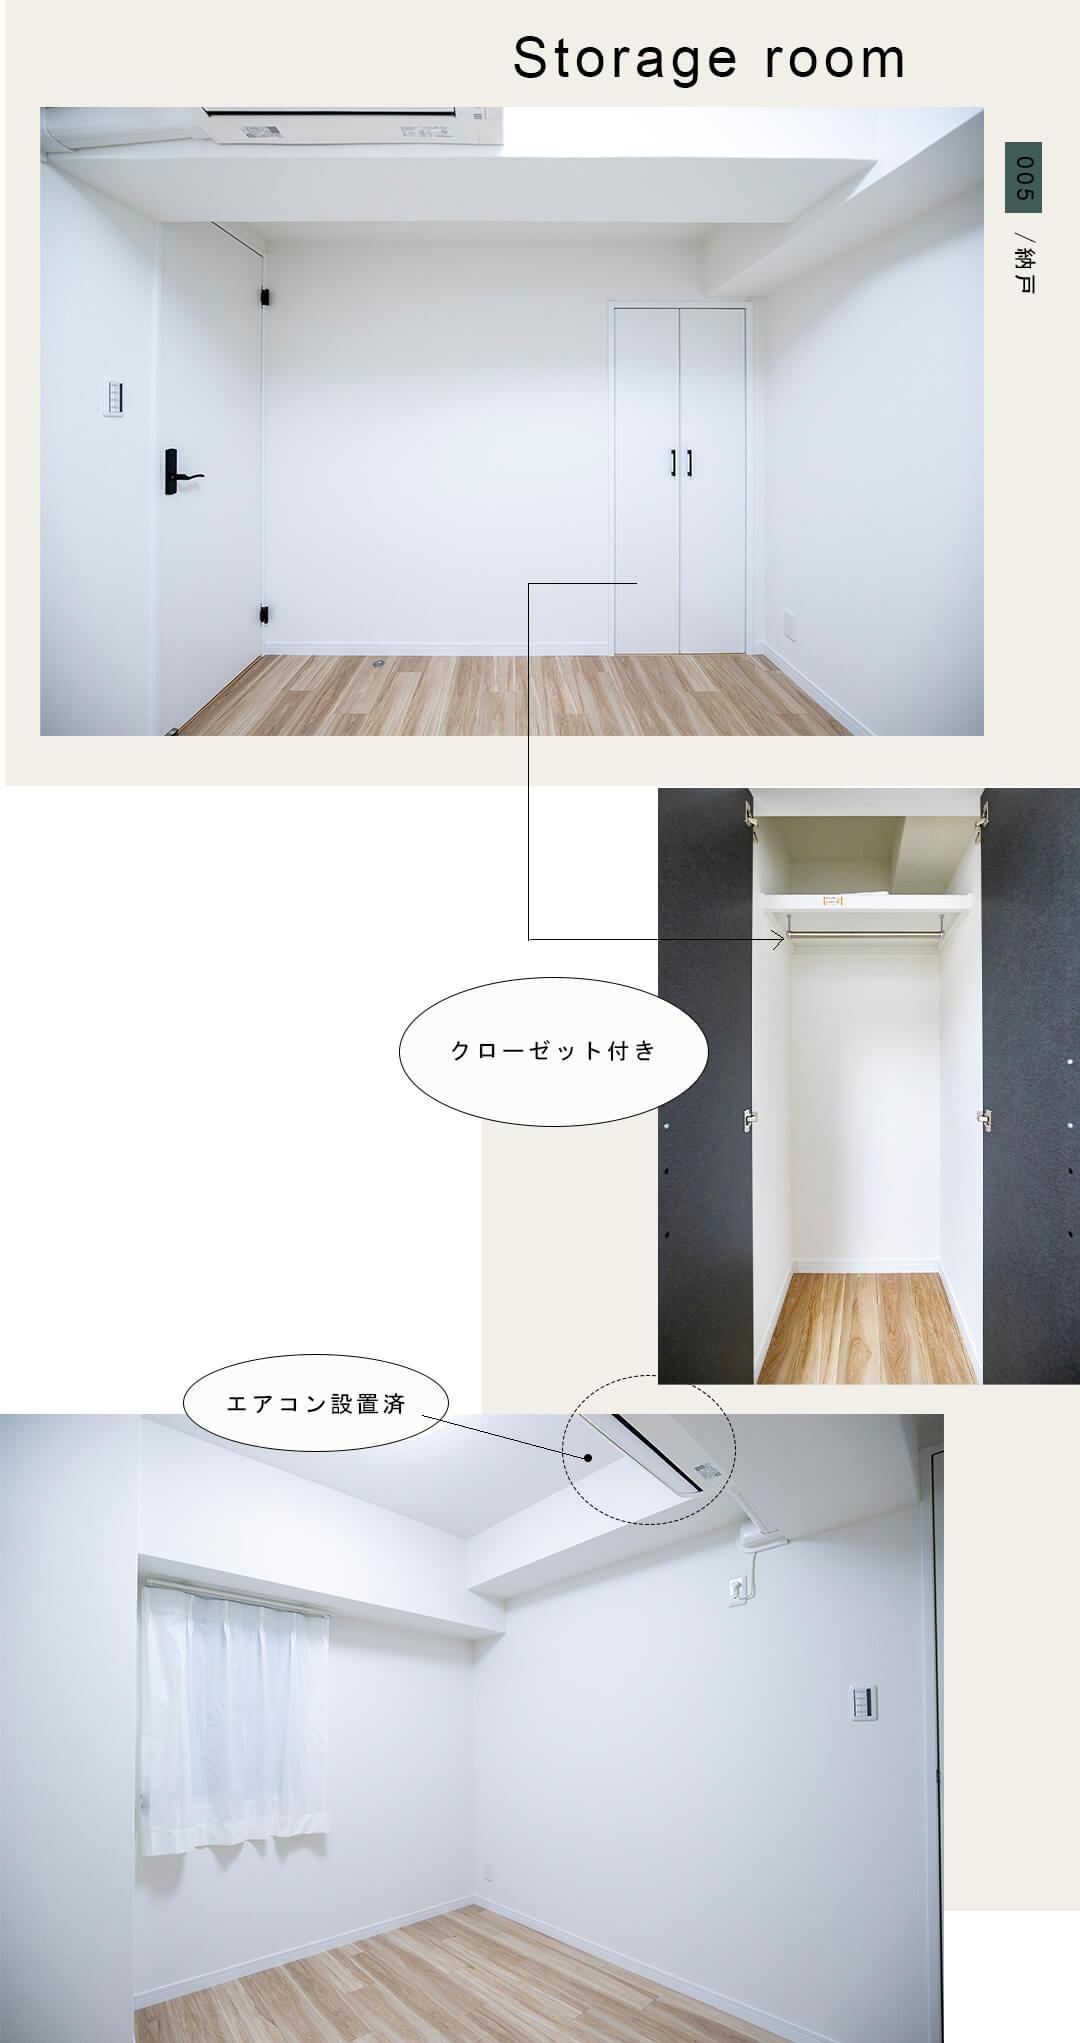 005納戸,storage room